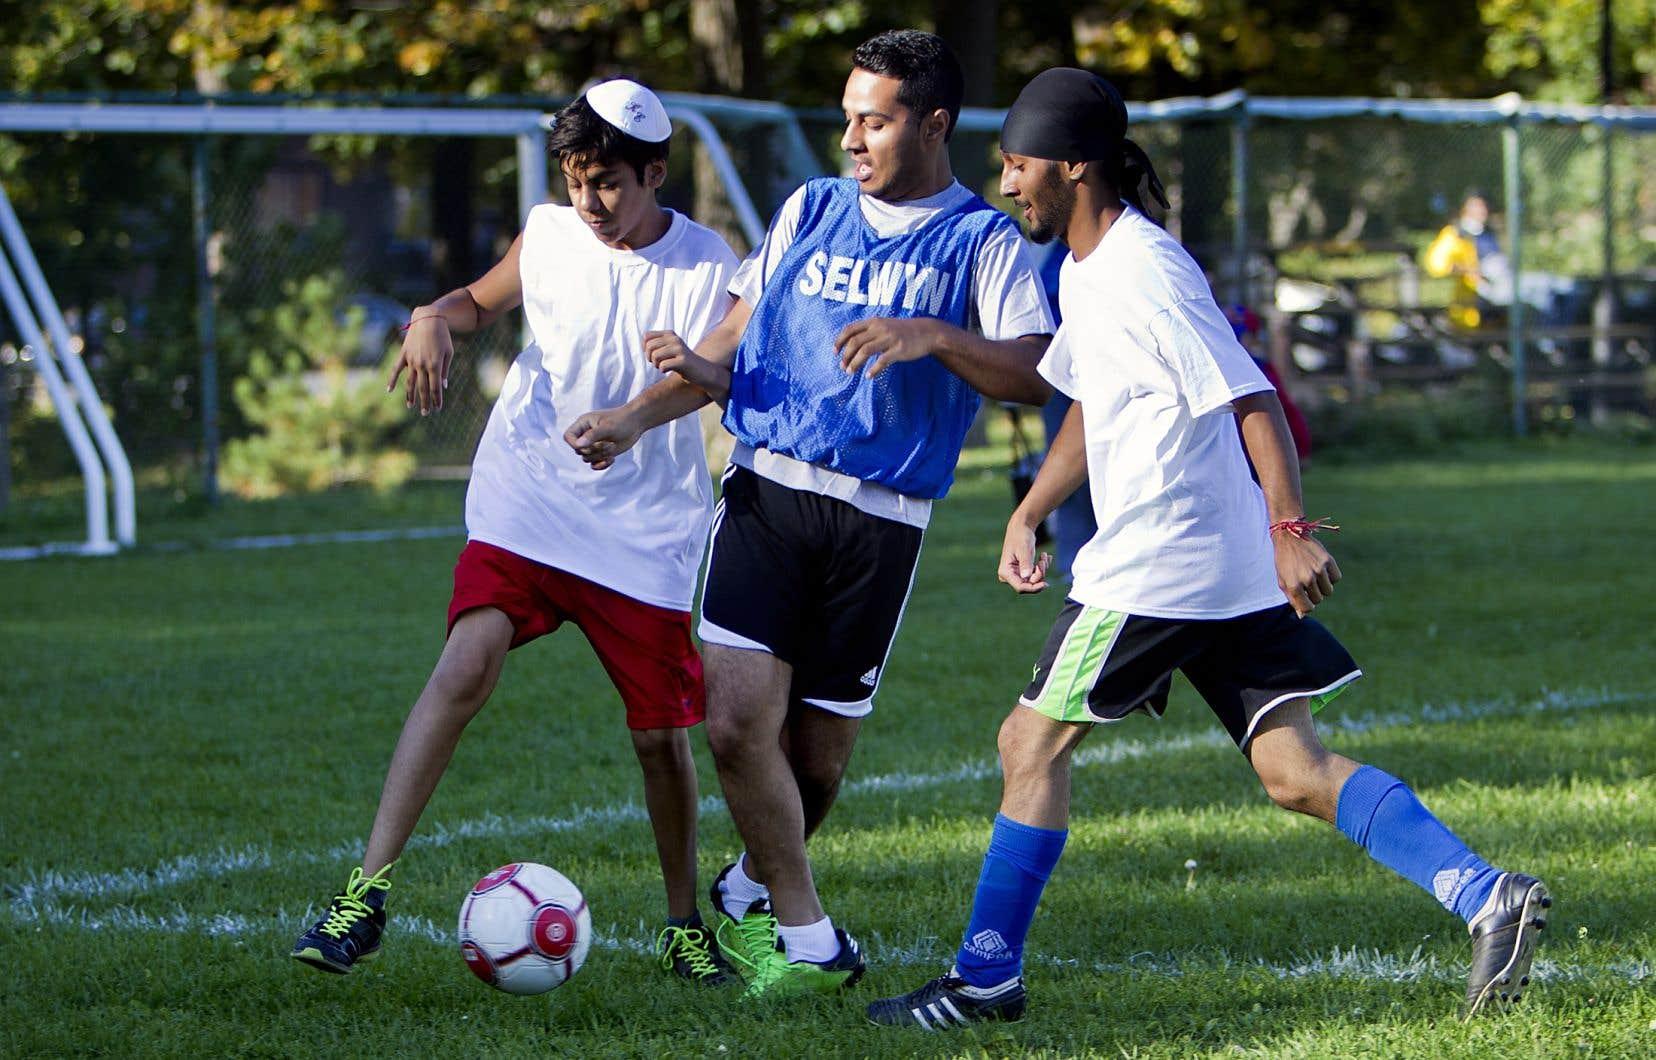 Selon l'étude, les victimes sont aussi nombreuses chez les garçons que chez les filles, une situation qui semble unique au monde du sport.